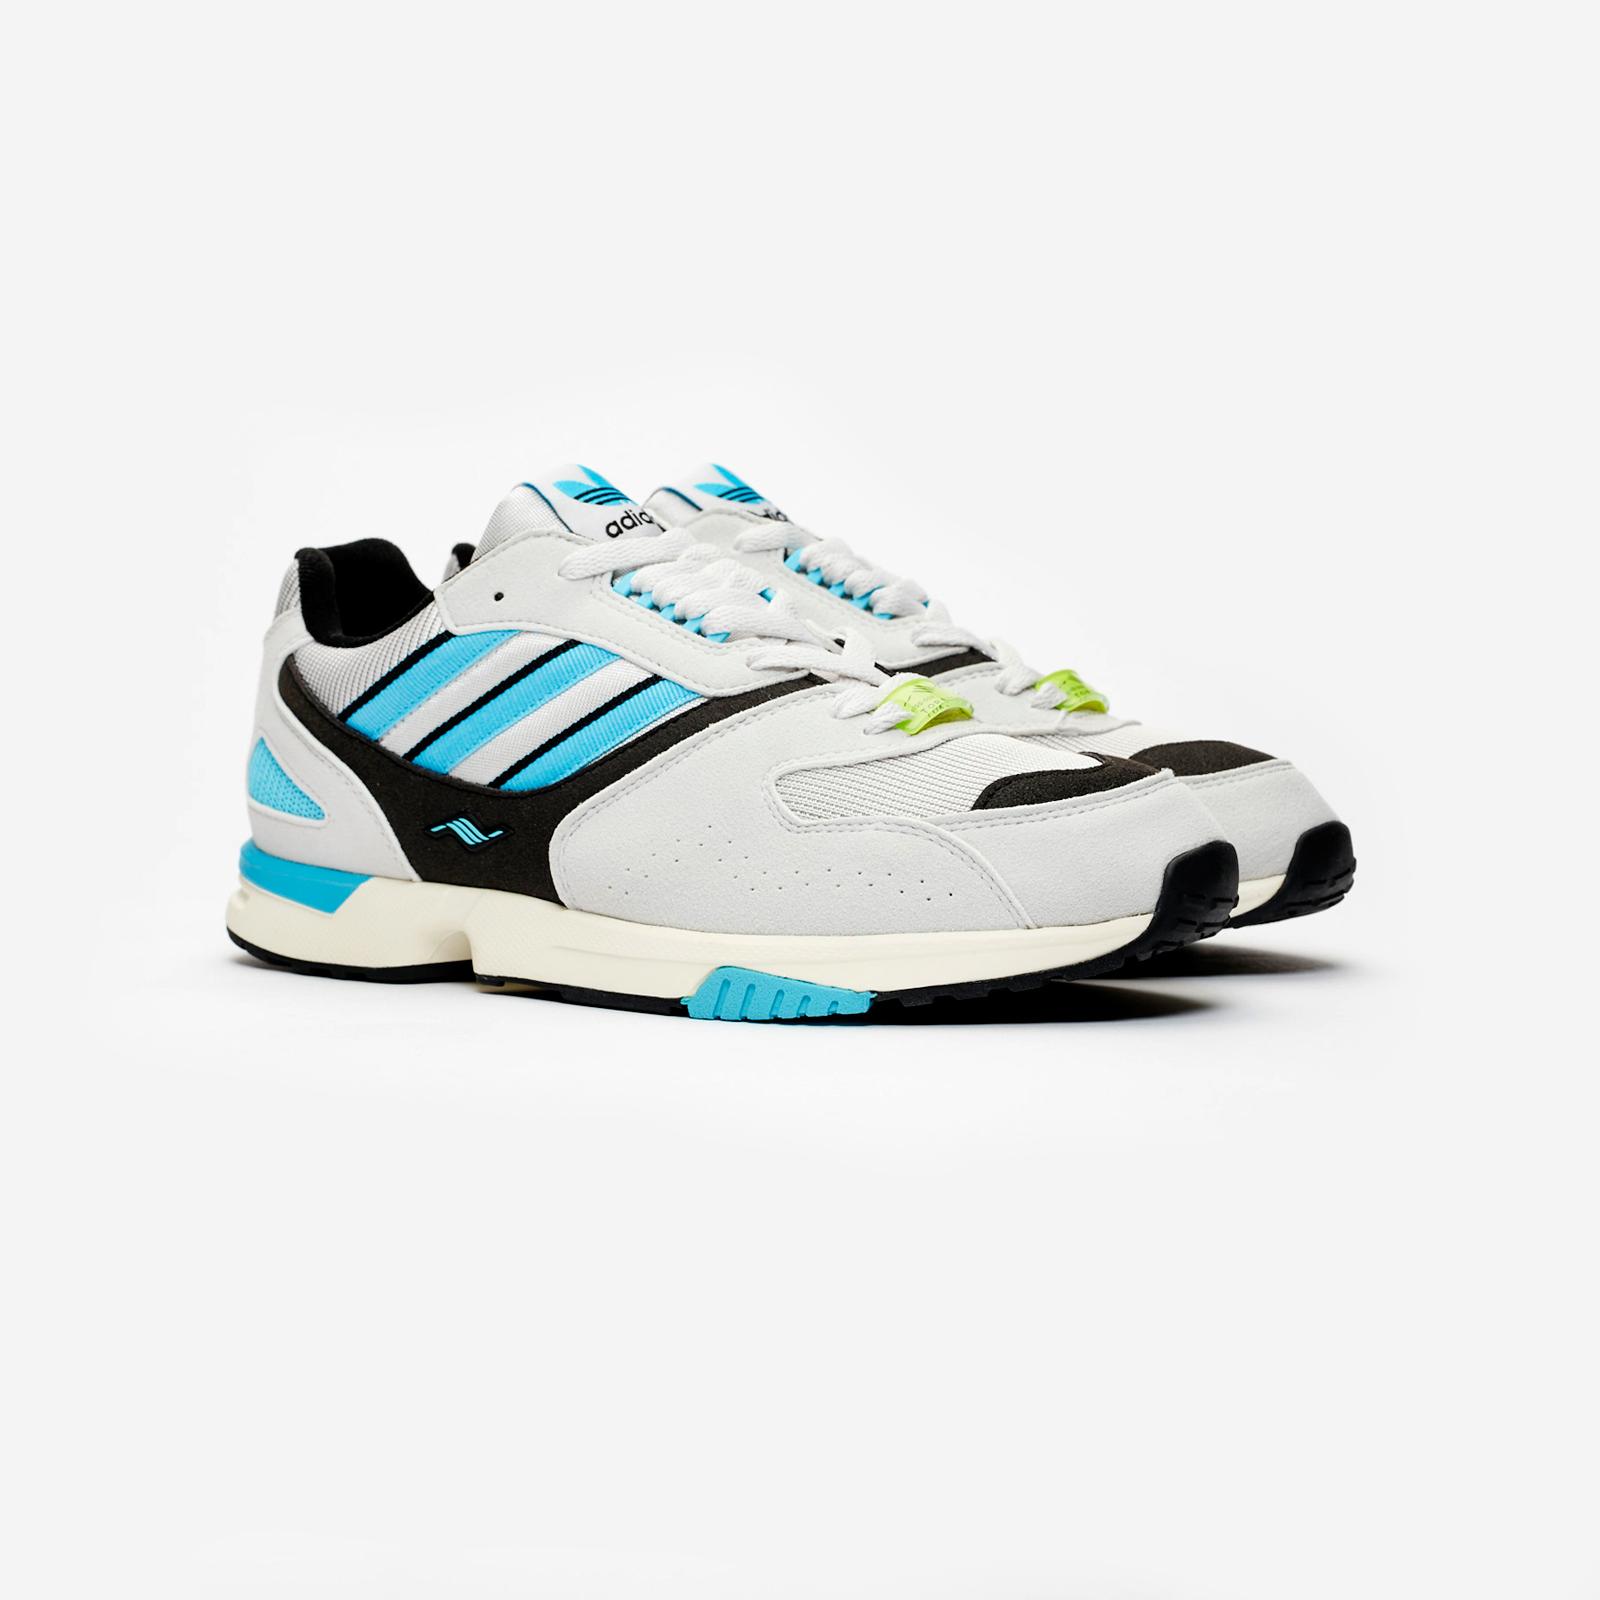 dad0f626d01c7 adidas ZX 4000 x Consortium - D97734 - Sneakersnstuff